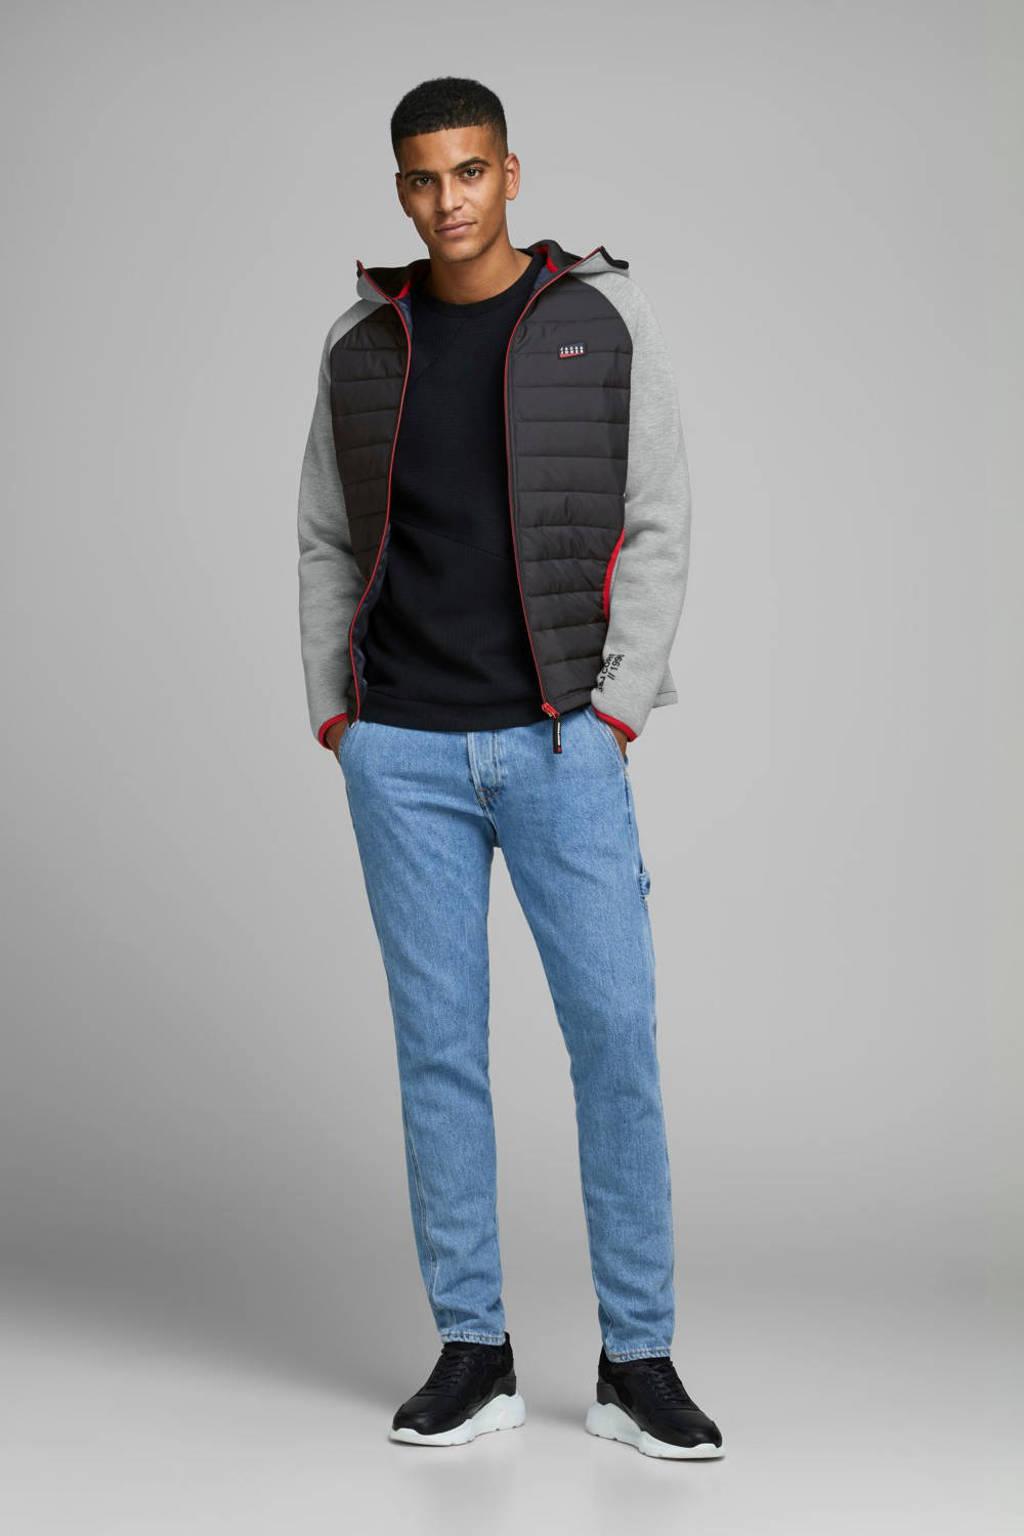 JACK & JONES CORE jack met contrastbies zwart/grijs, Zwart/grijs